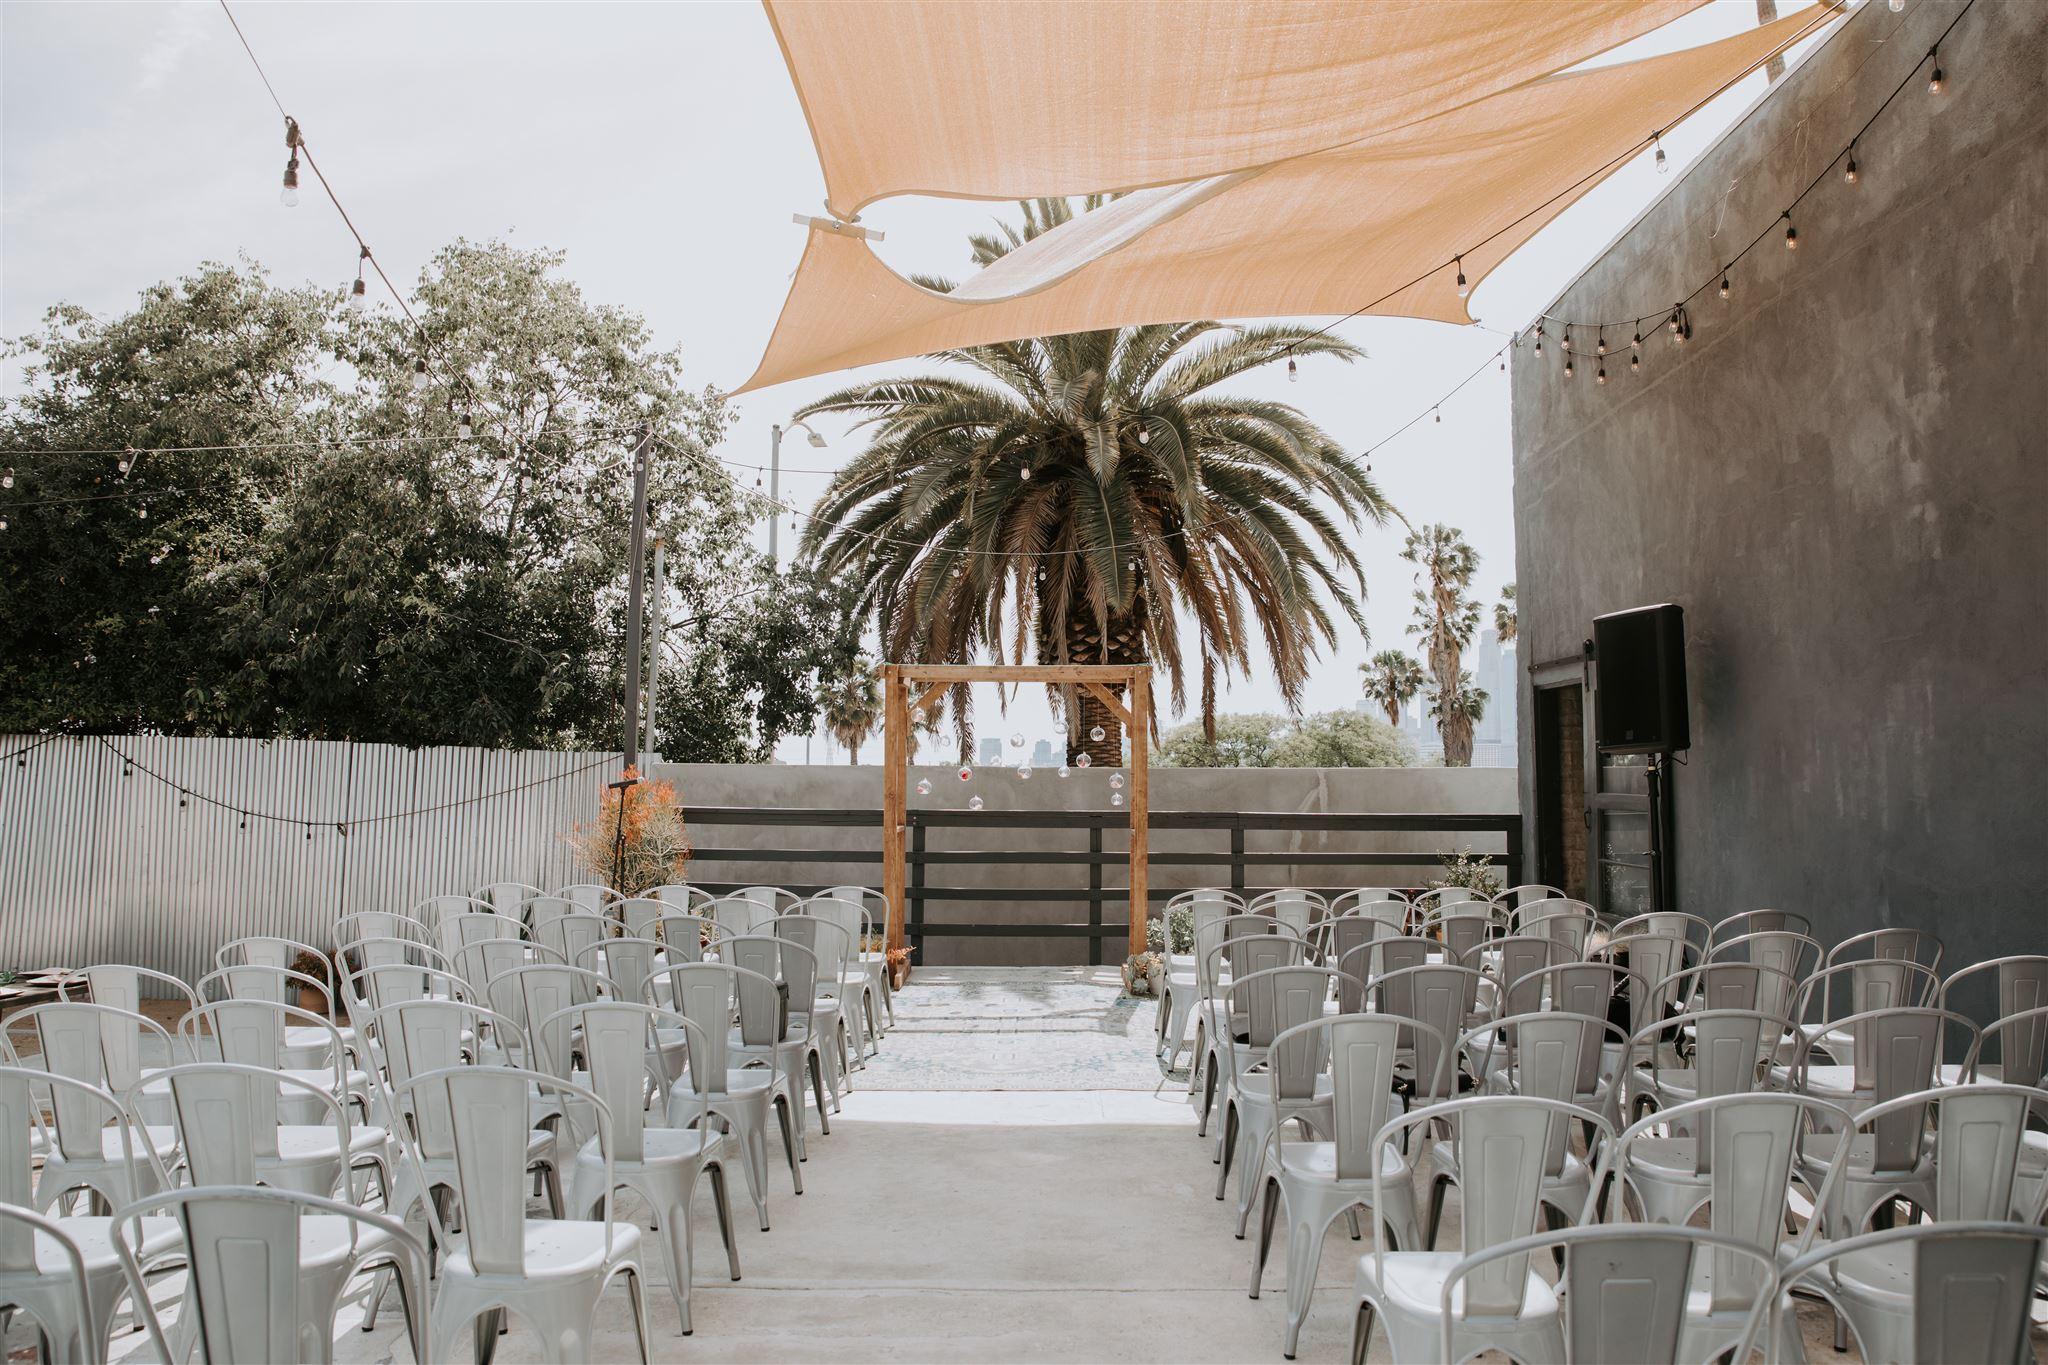 City Libre DTLA Downtown LA Los Angeles Wedding May Iosotaluno 58.jpg